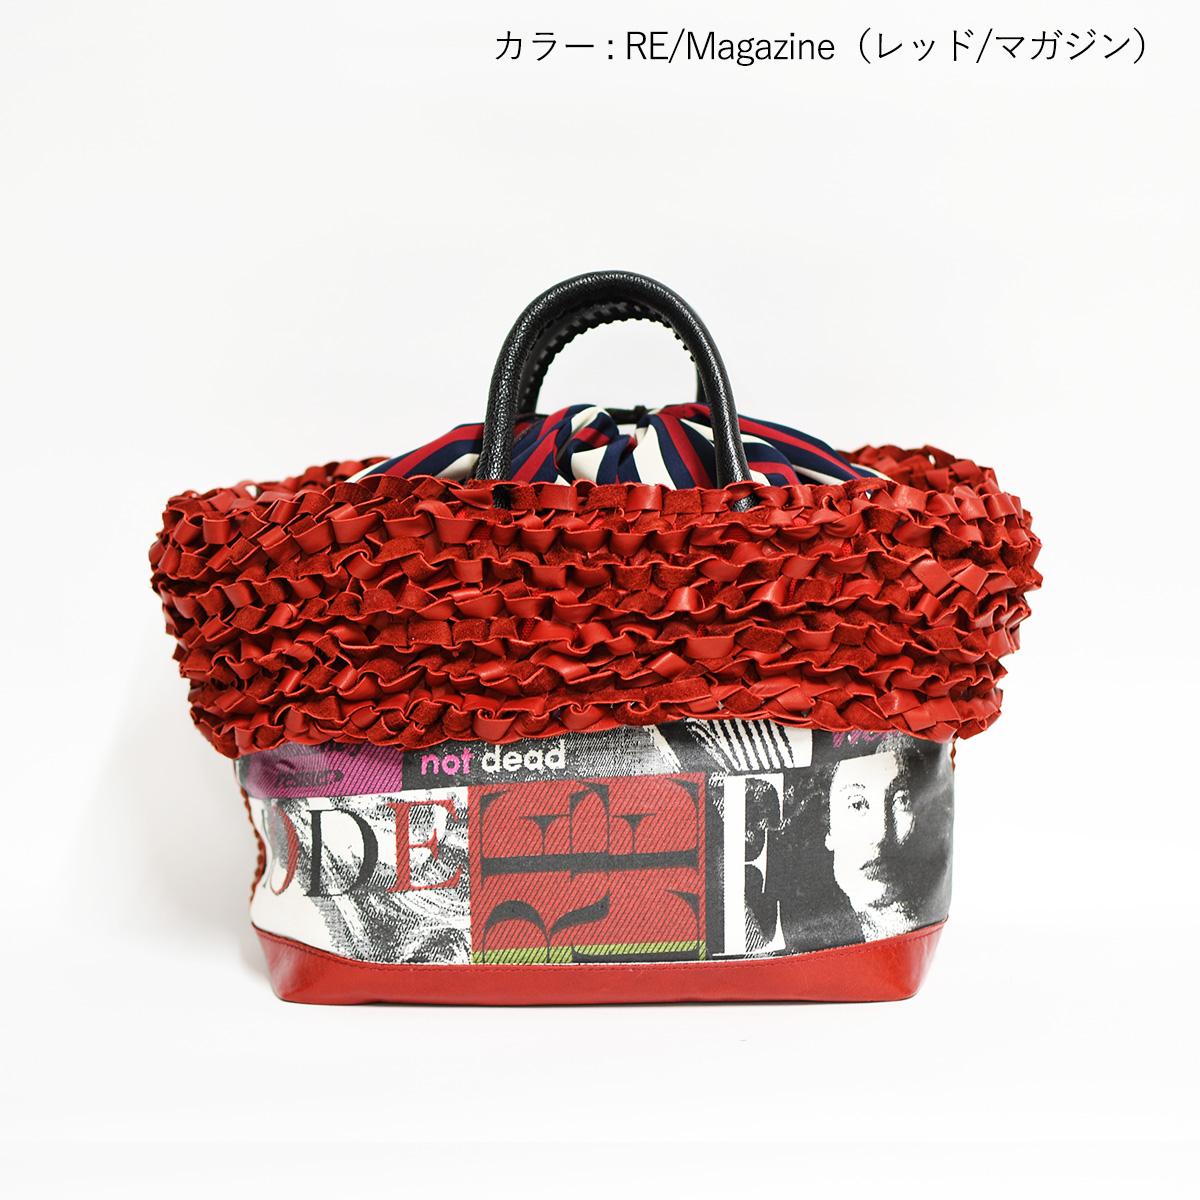 RE/Magazine